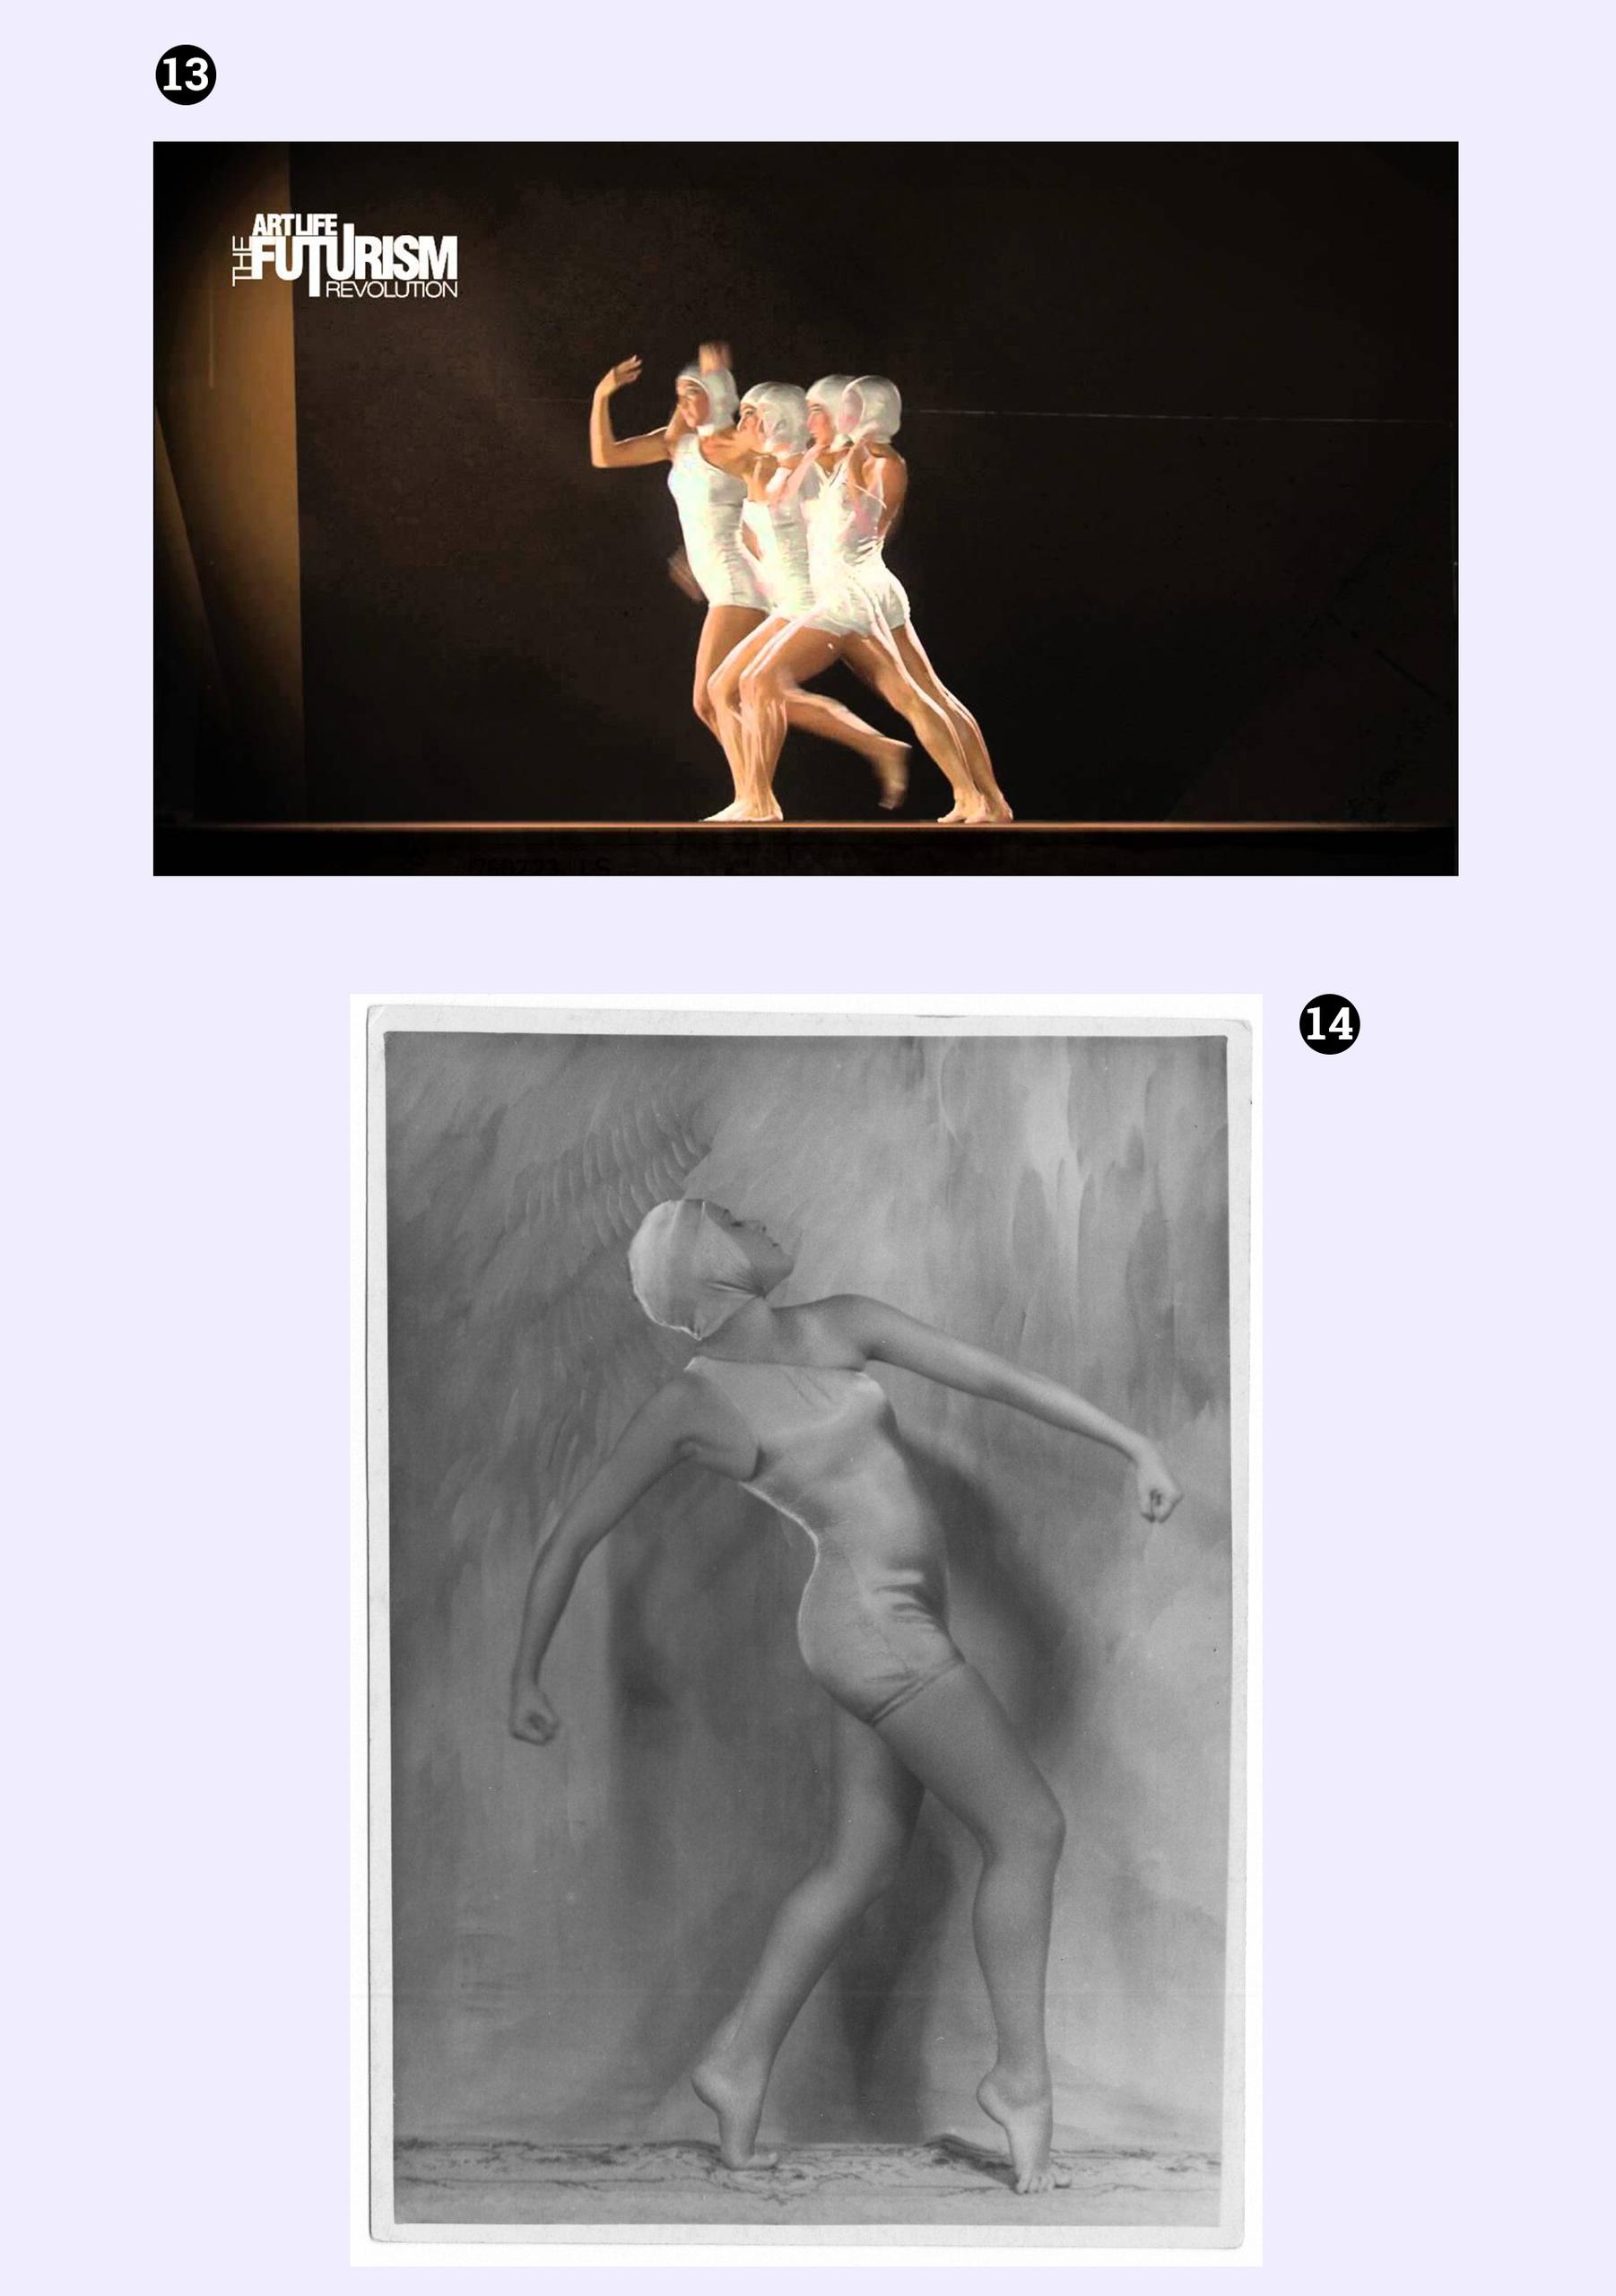 Obraz przedstawia kadr z filmu oraz czarno-białe zdjęcie tancerki. Całość na jasno-fioletowym tle.